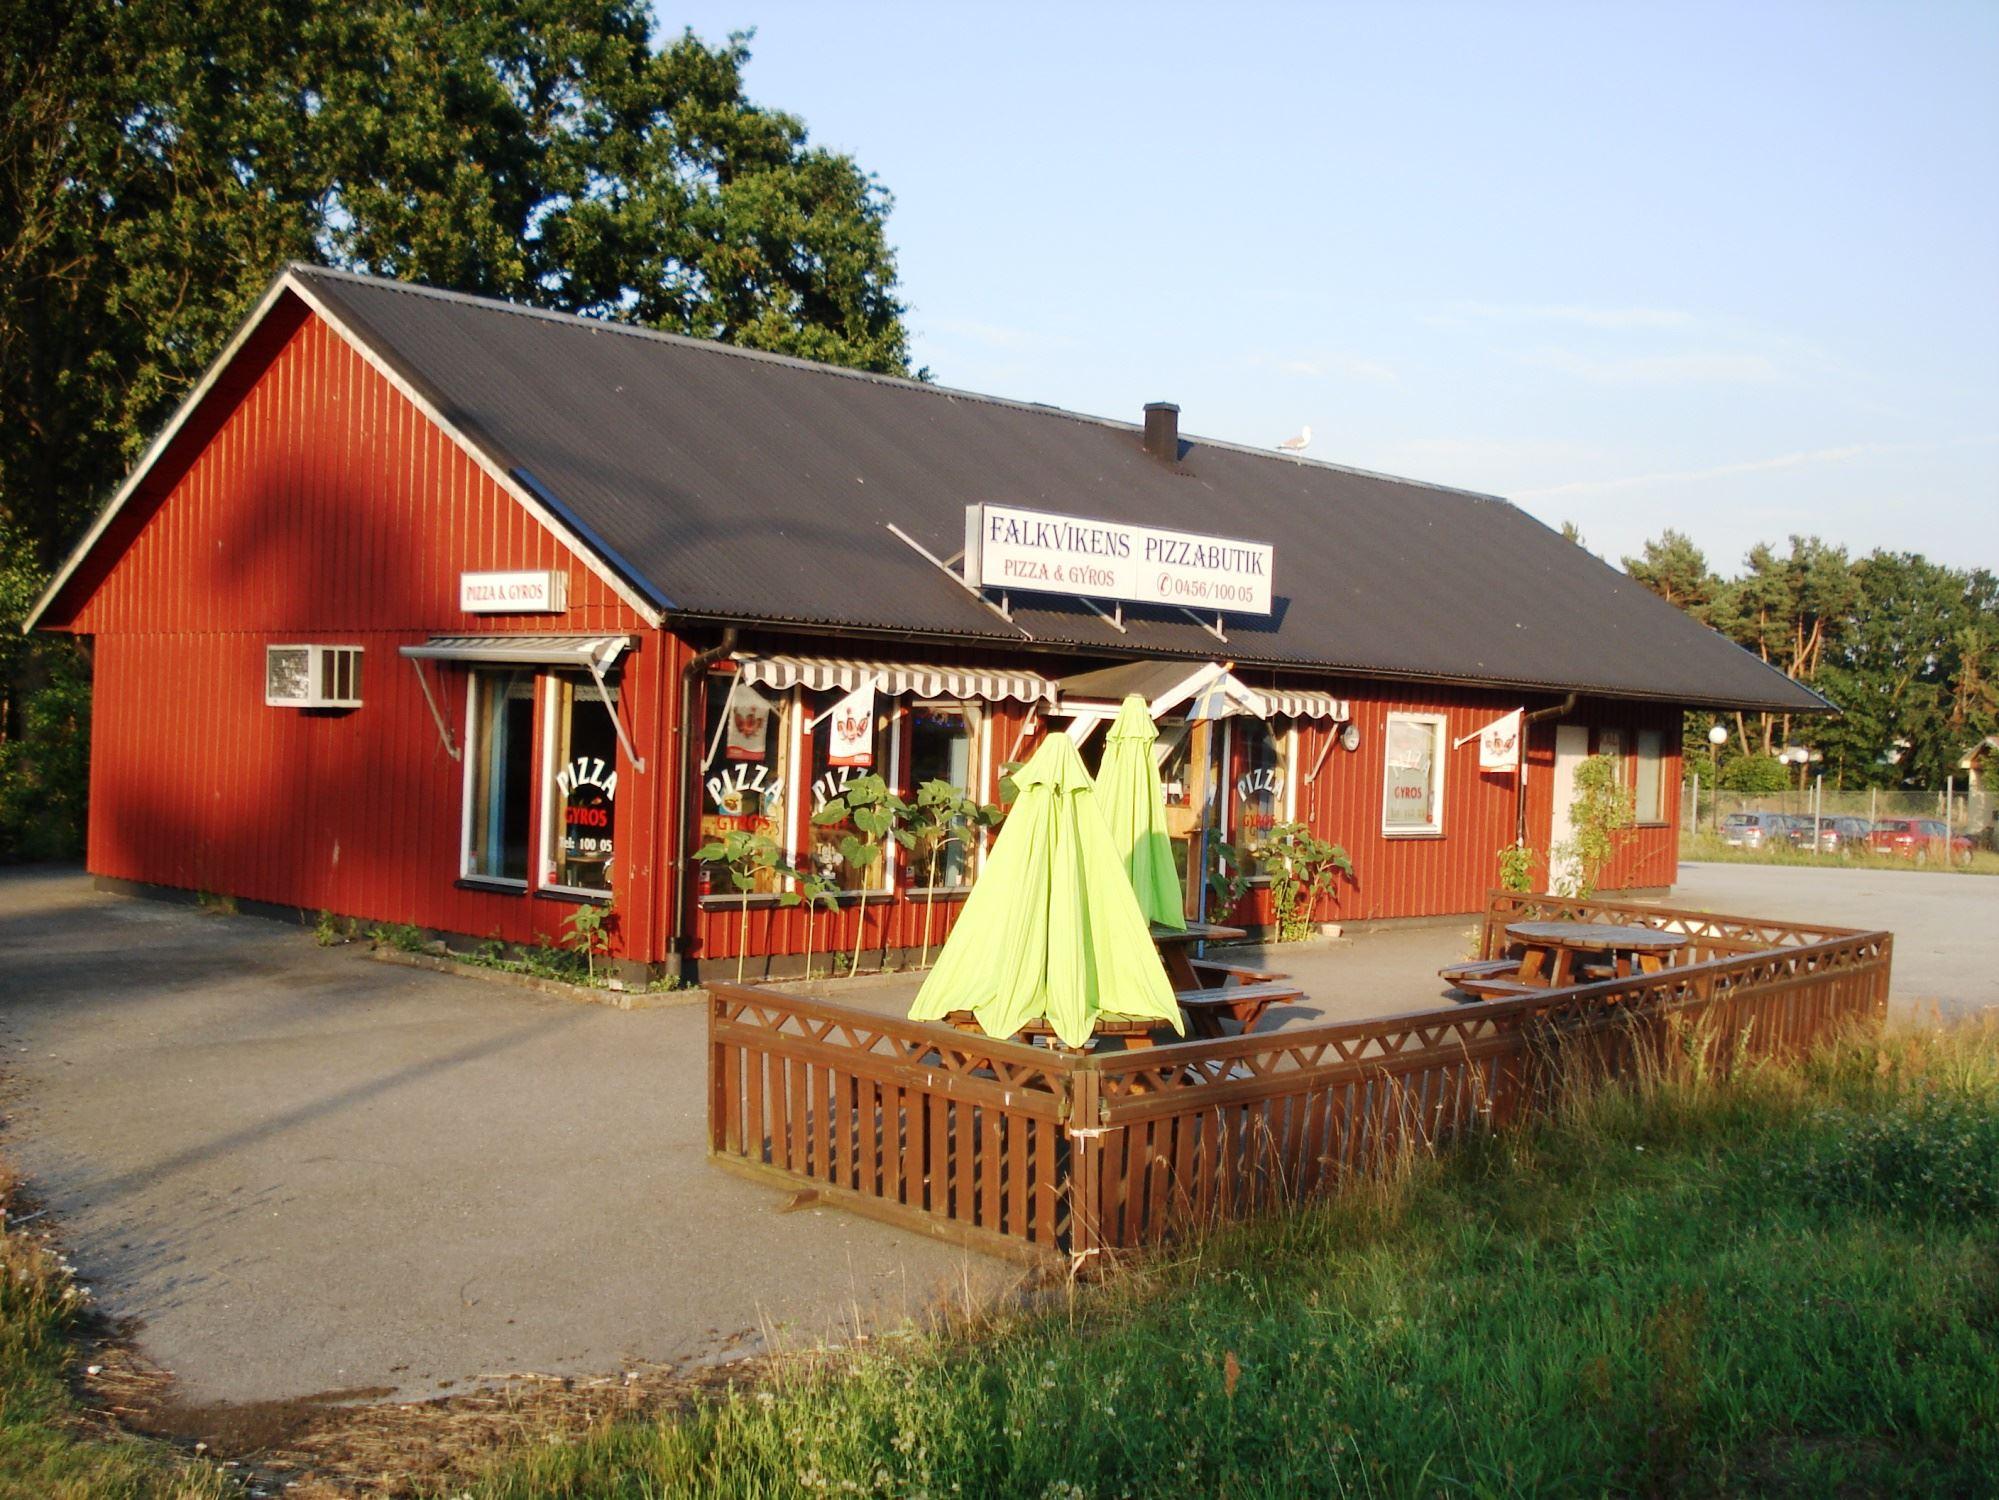 Falkviks Pizzabutik